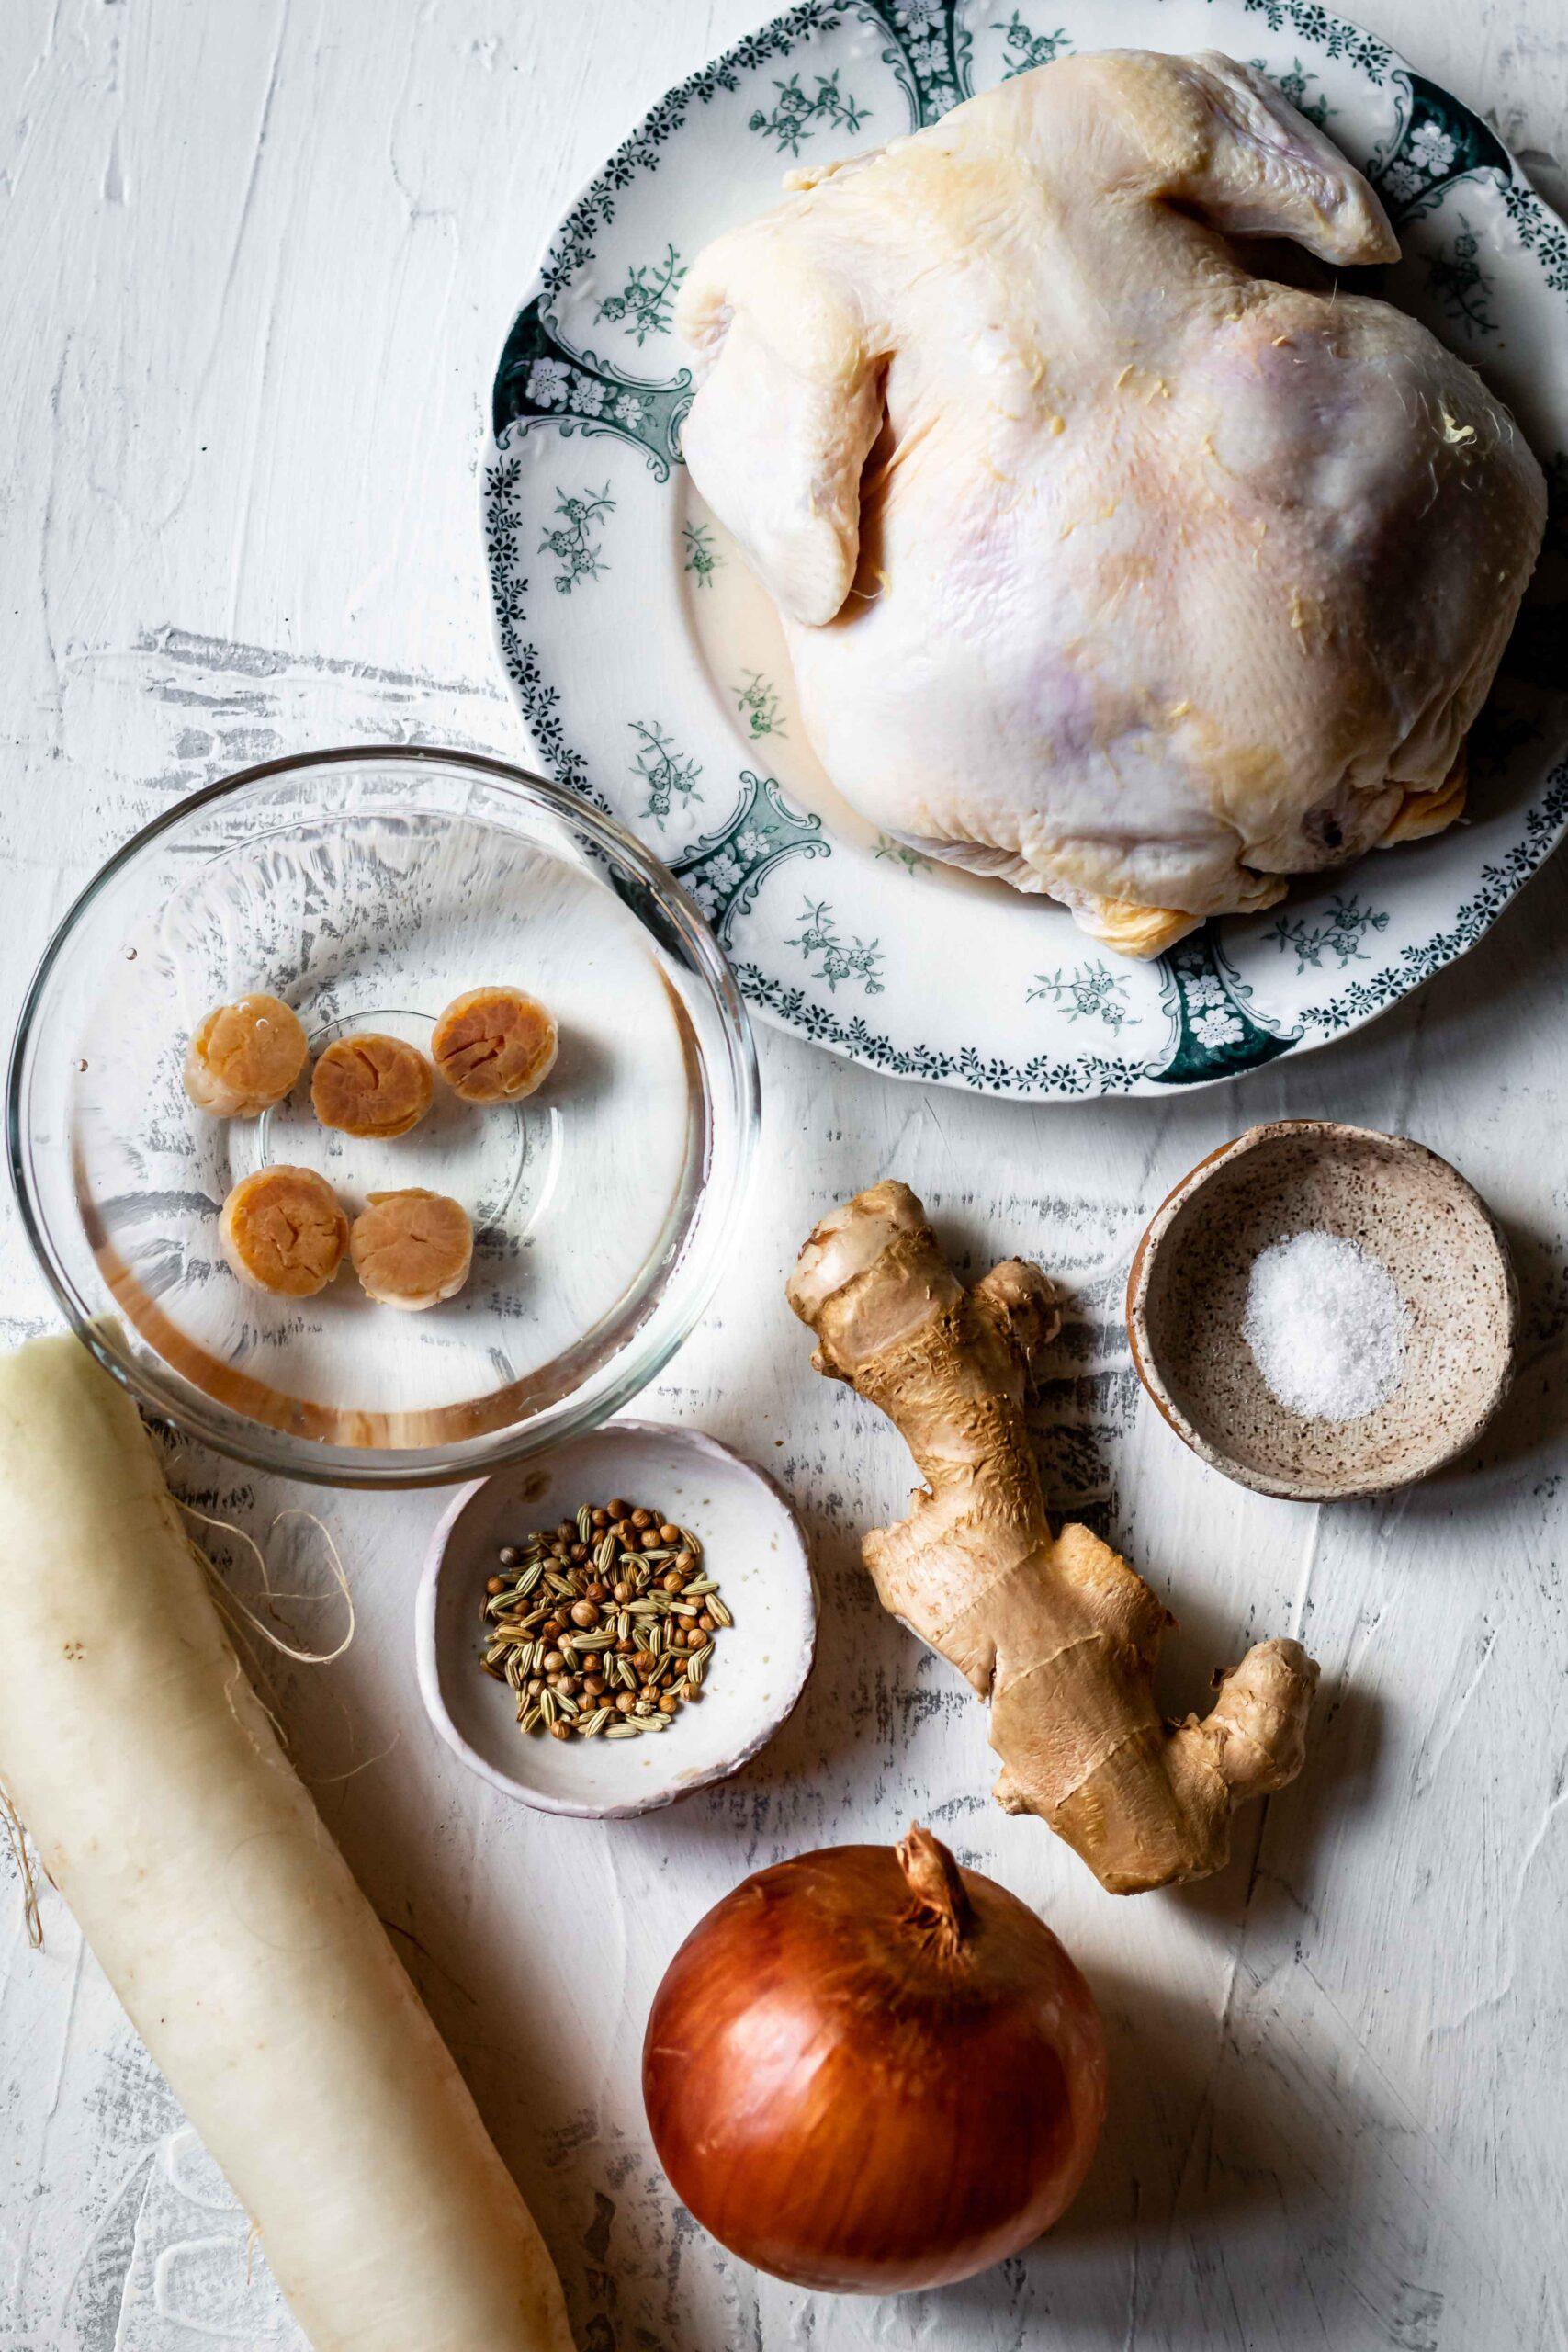 chicken pho ingredients